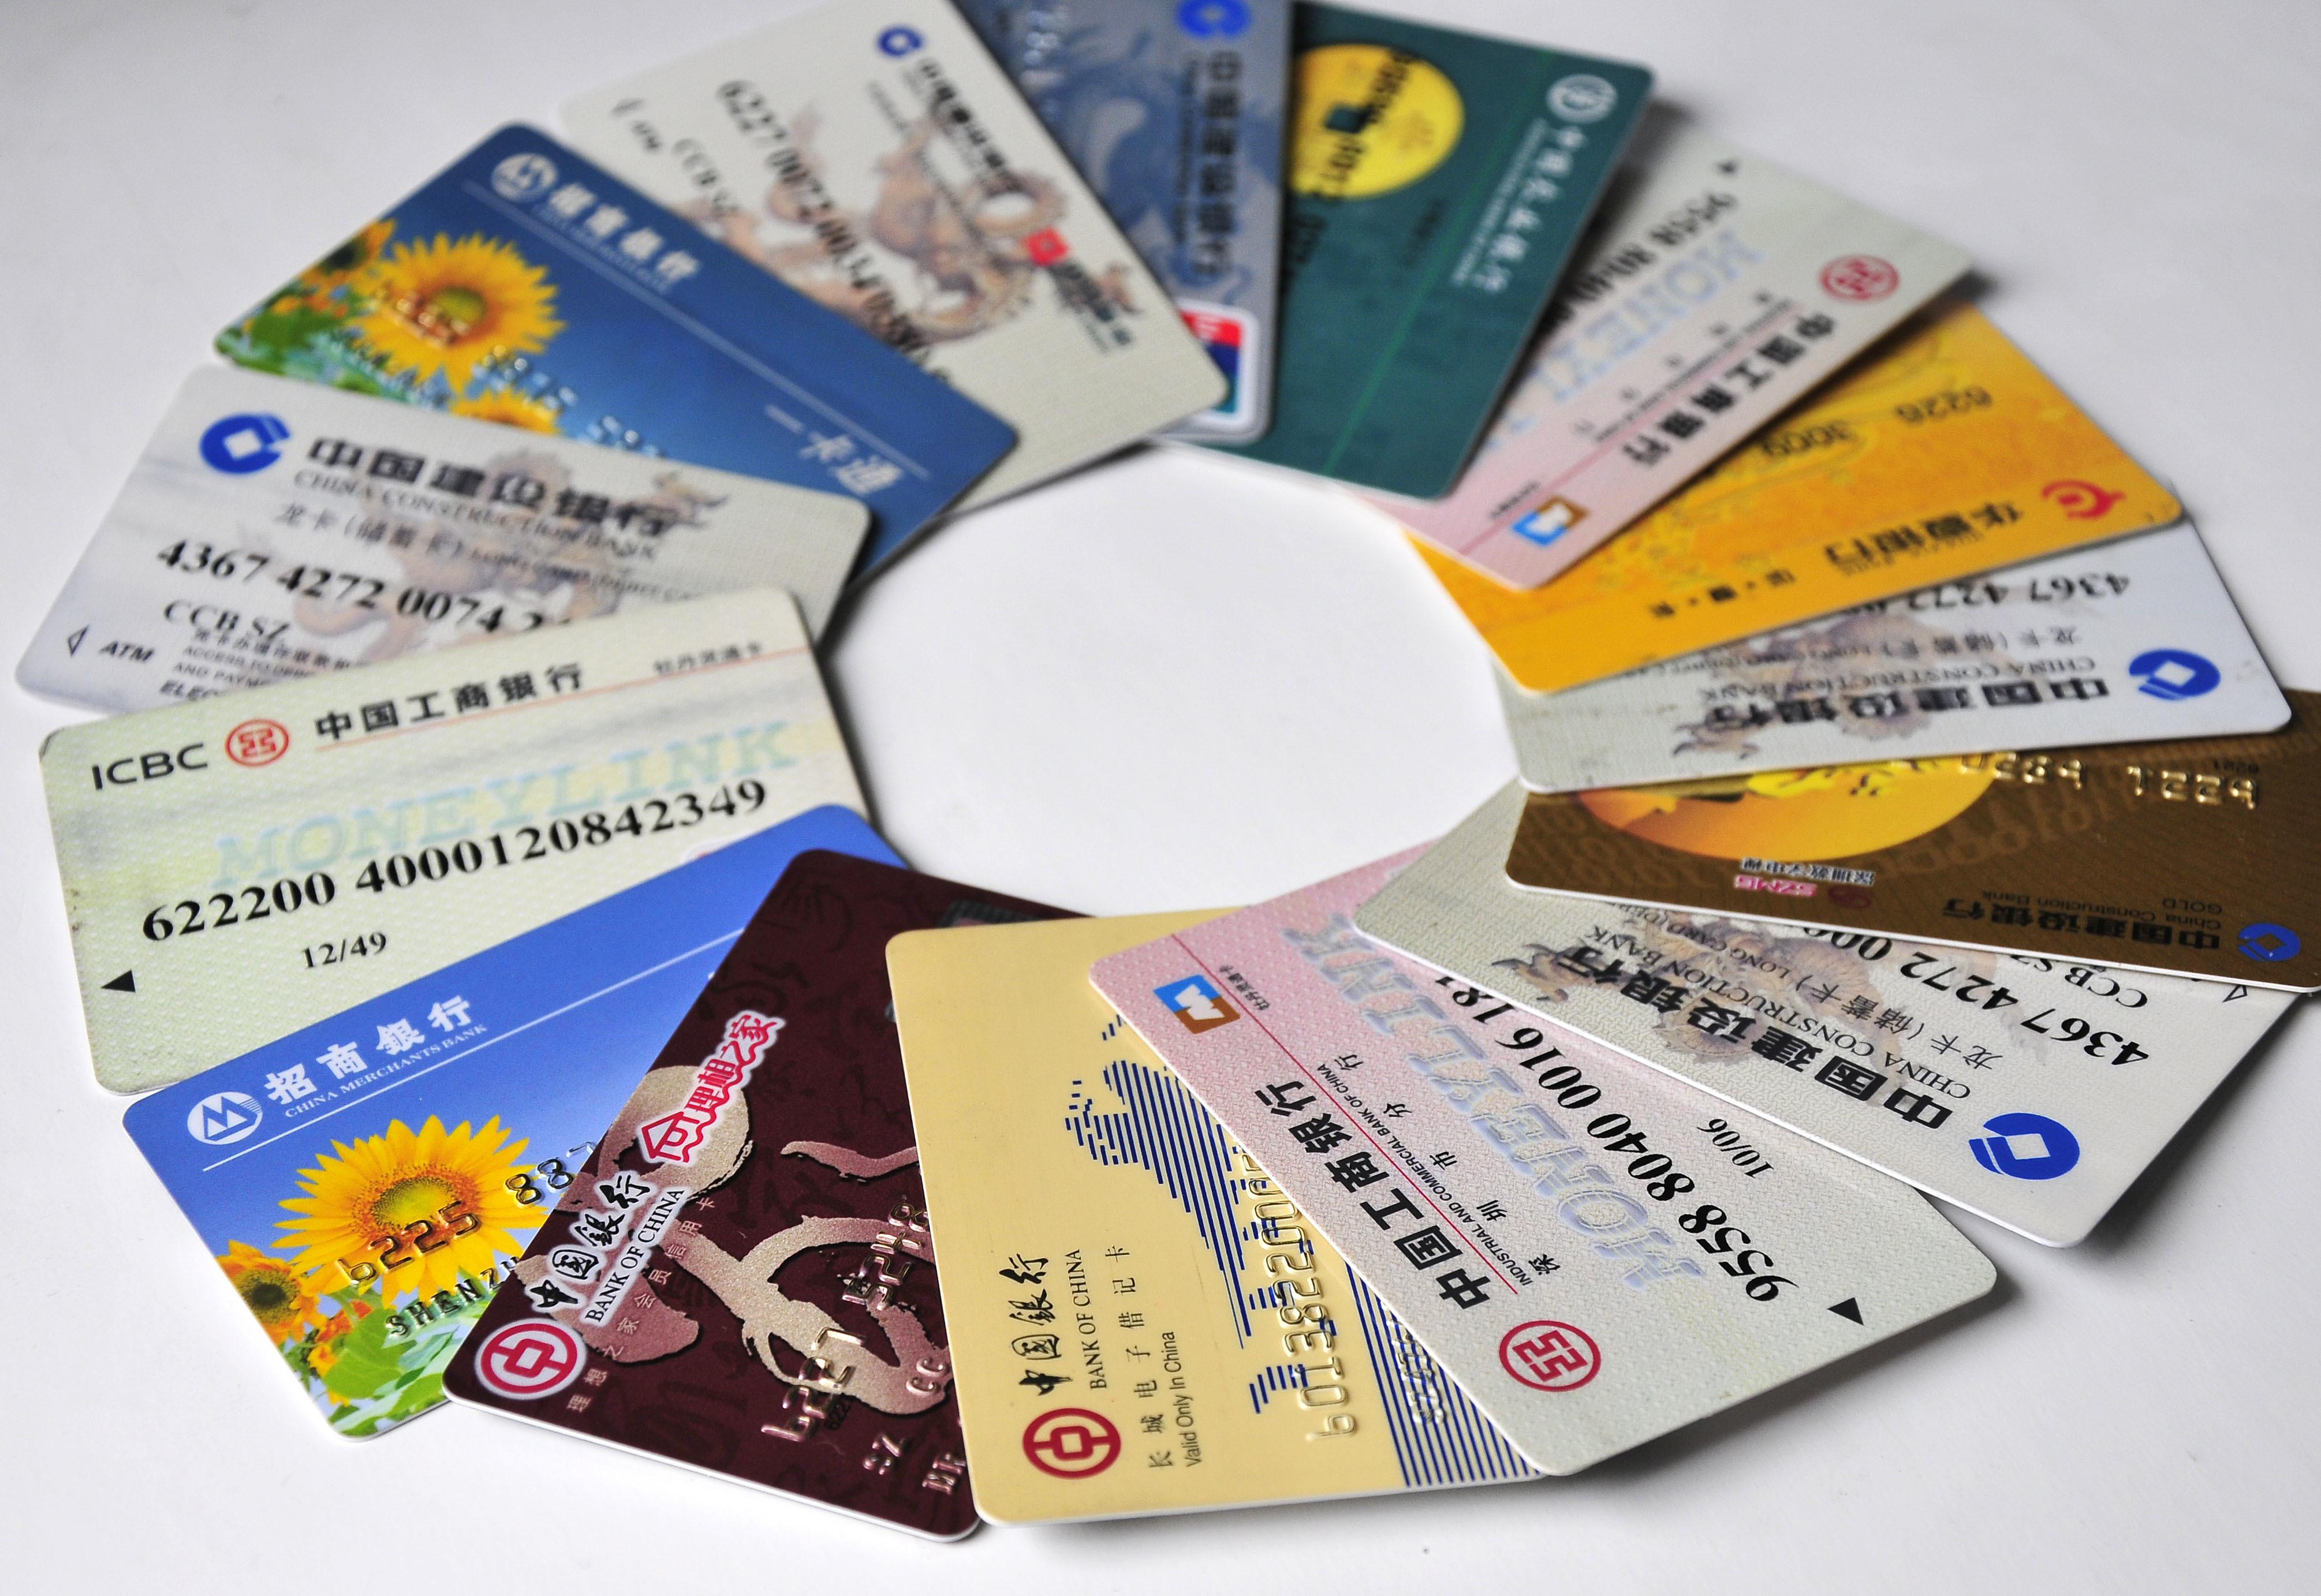 邮储银行最新玩法,有信用卡的都应该知道!